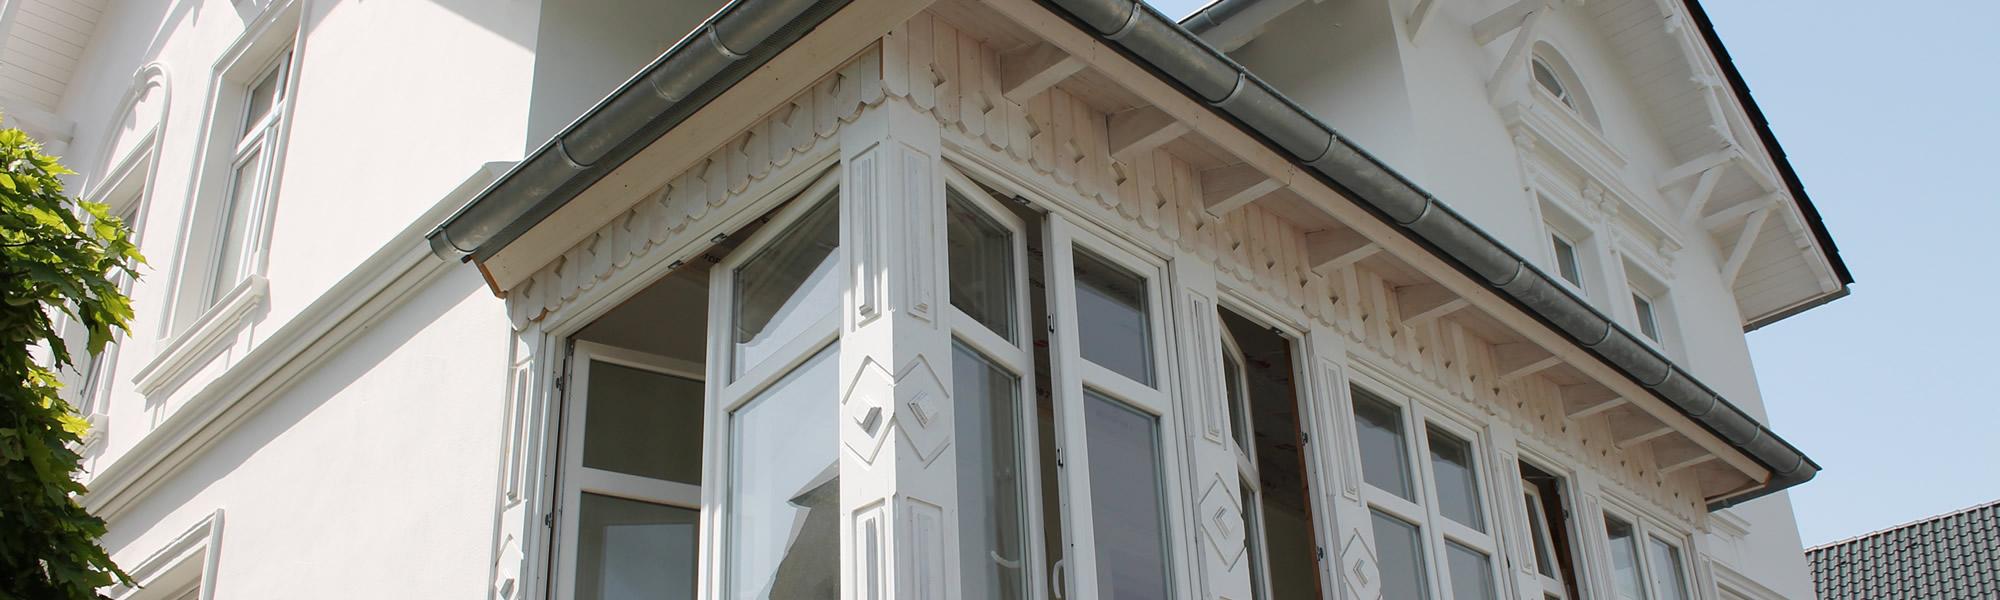 Fassadenverkleidung Arten Mvs Bau Gbr